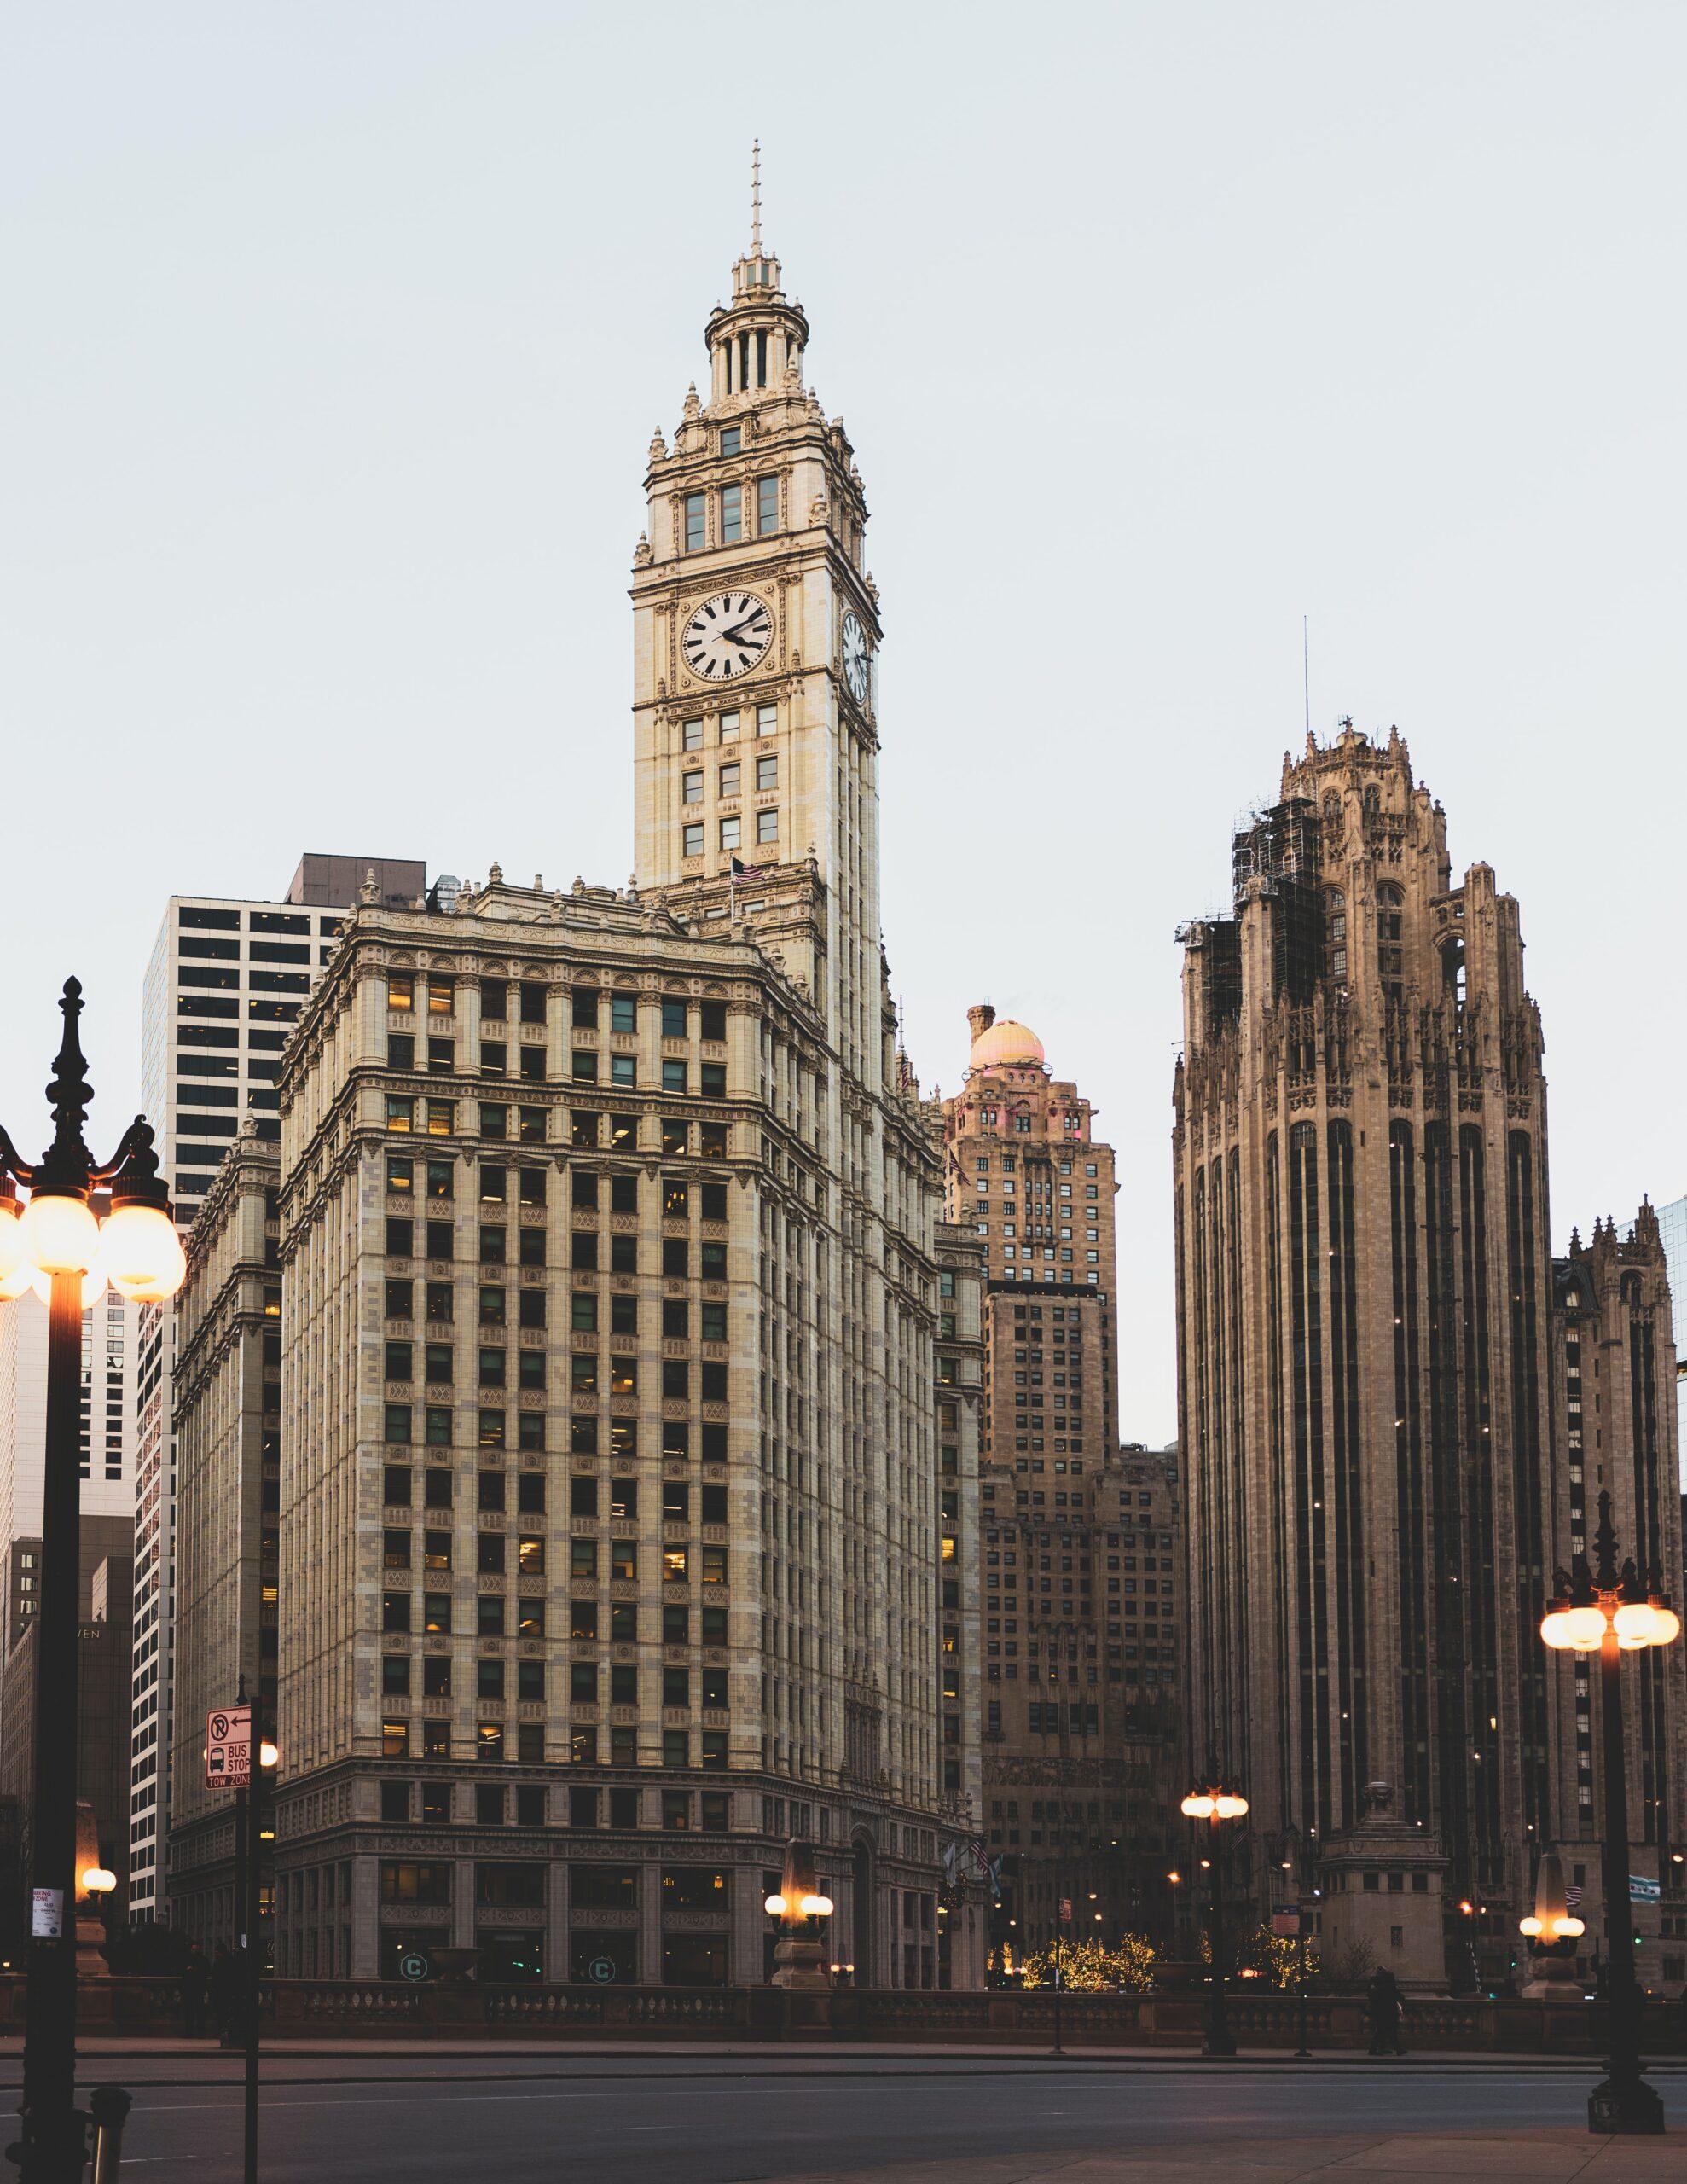 Chicago's Wrigley Building